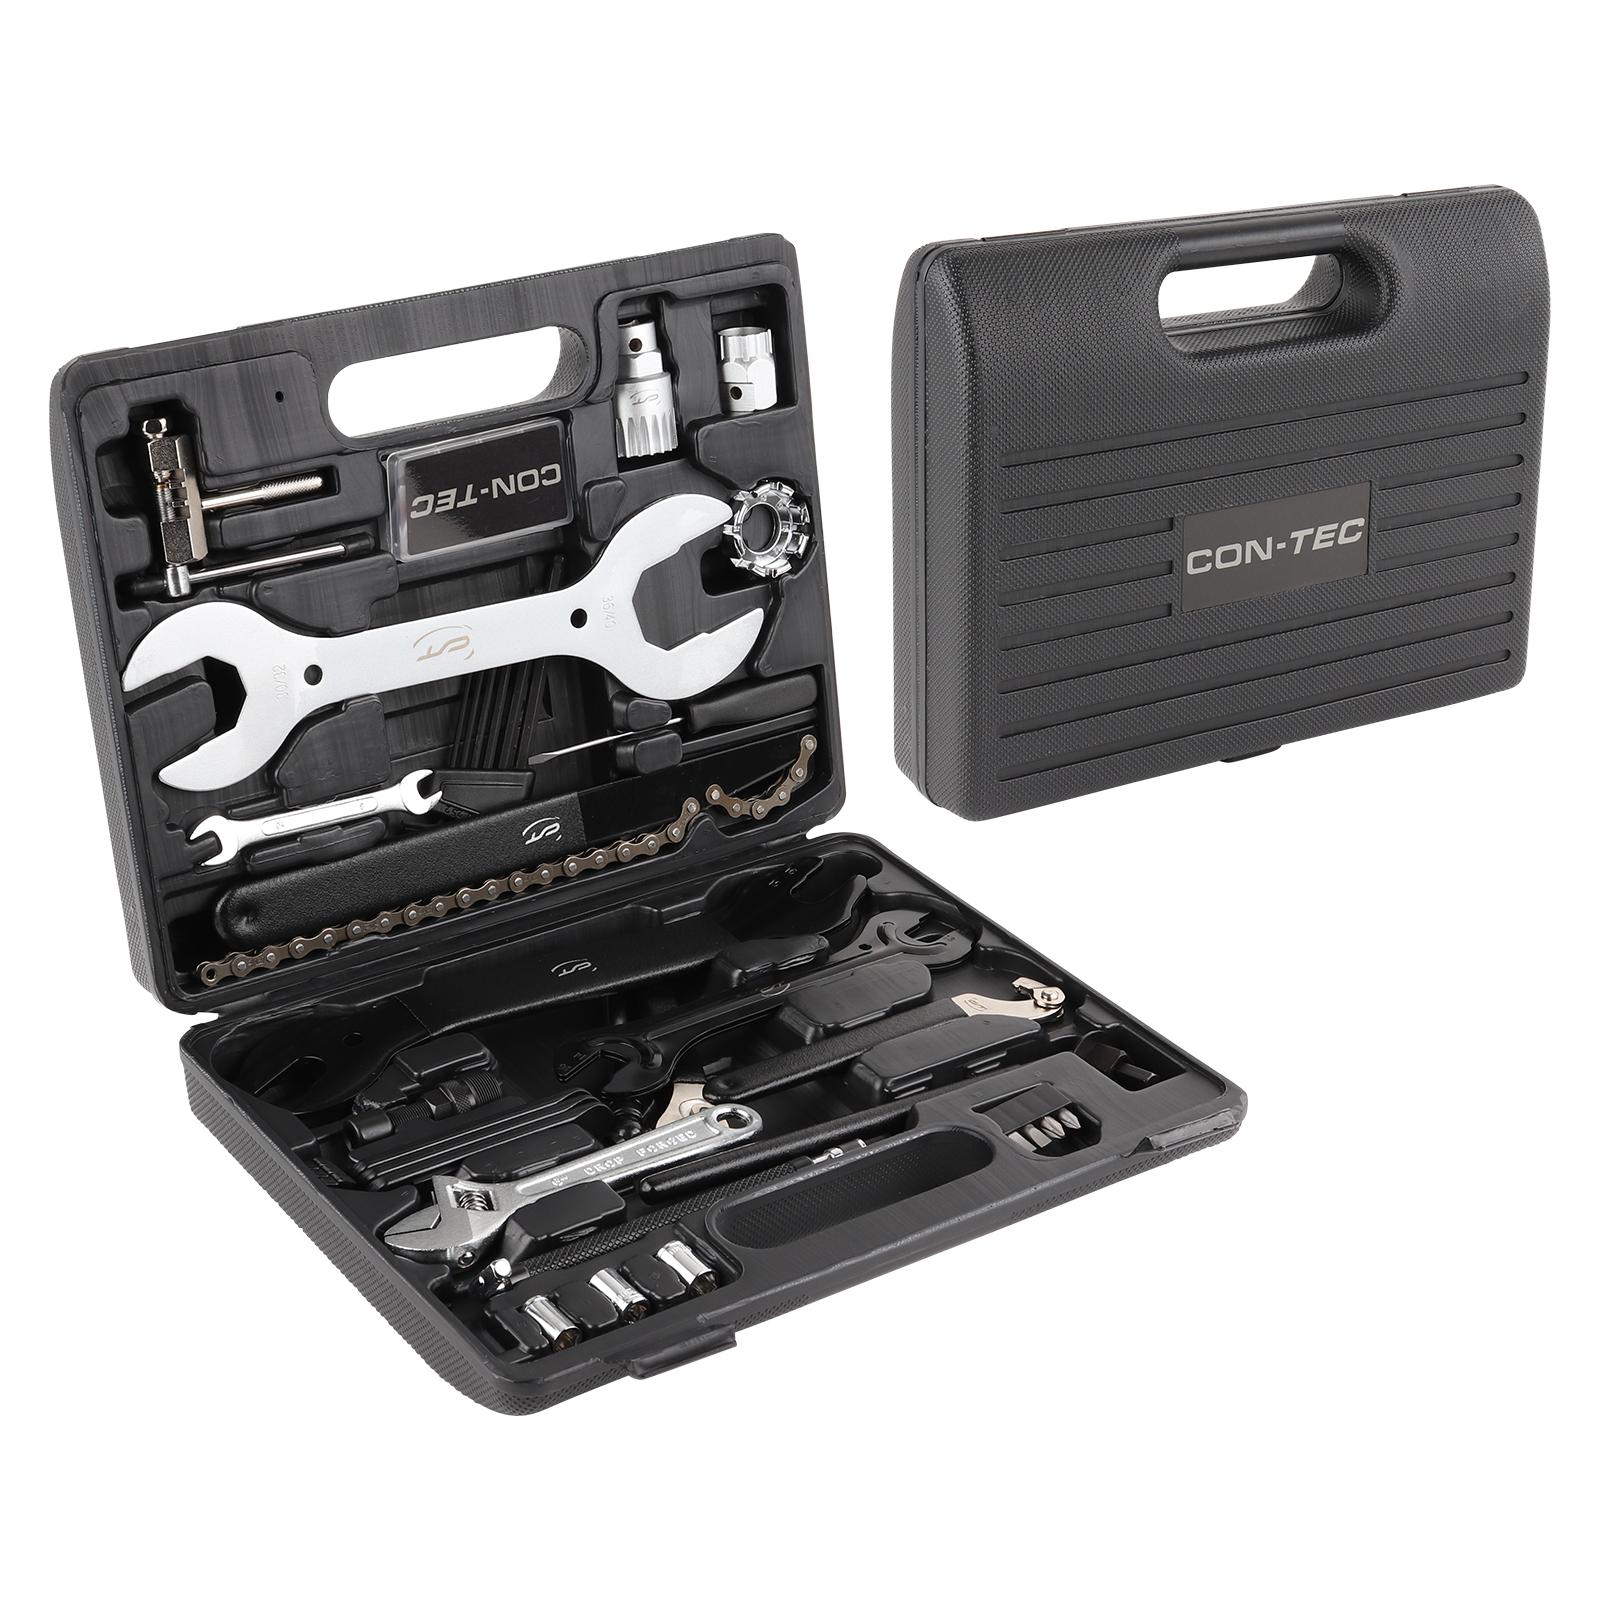 CONTEC Fahrrad Werkzeugkoffer 36-teilig, ca. 3 kg, schwarz